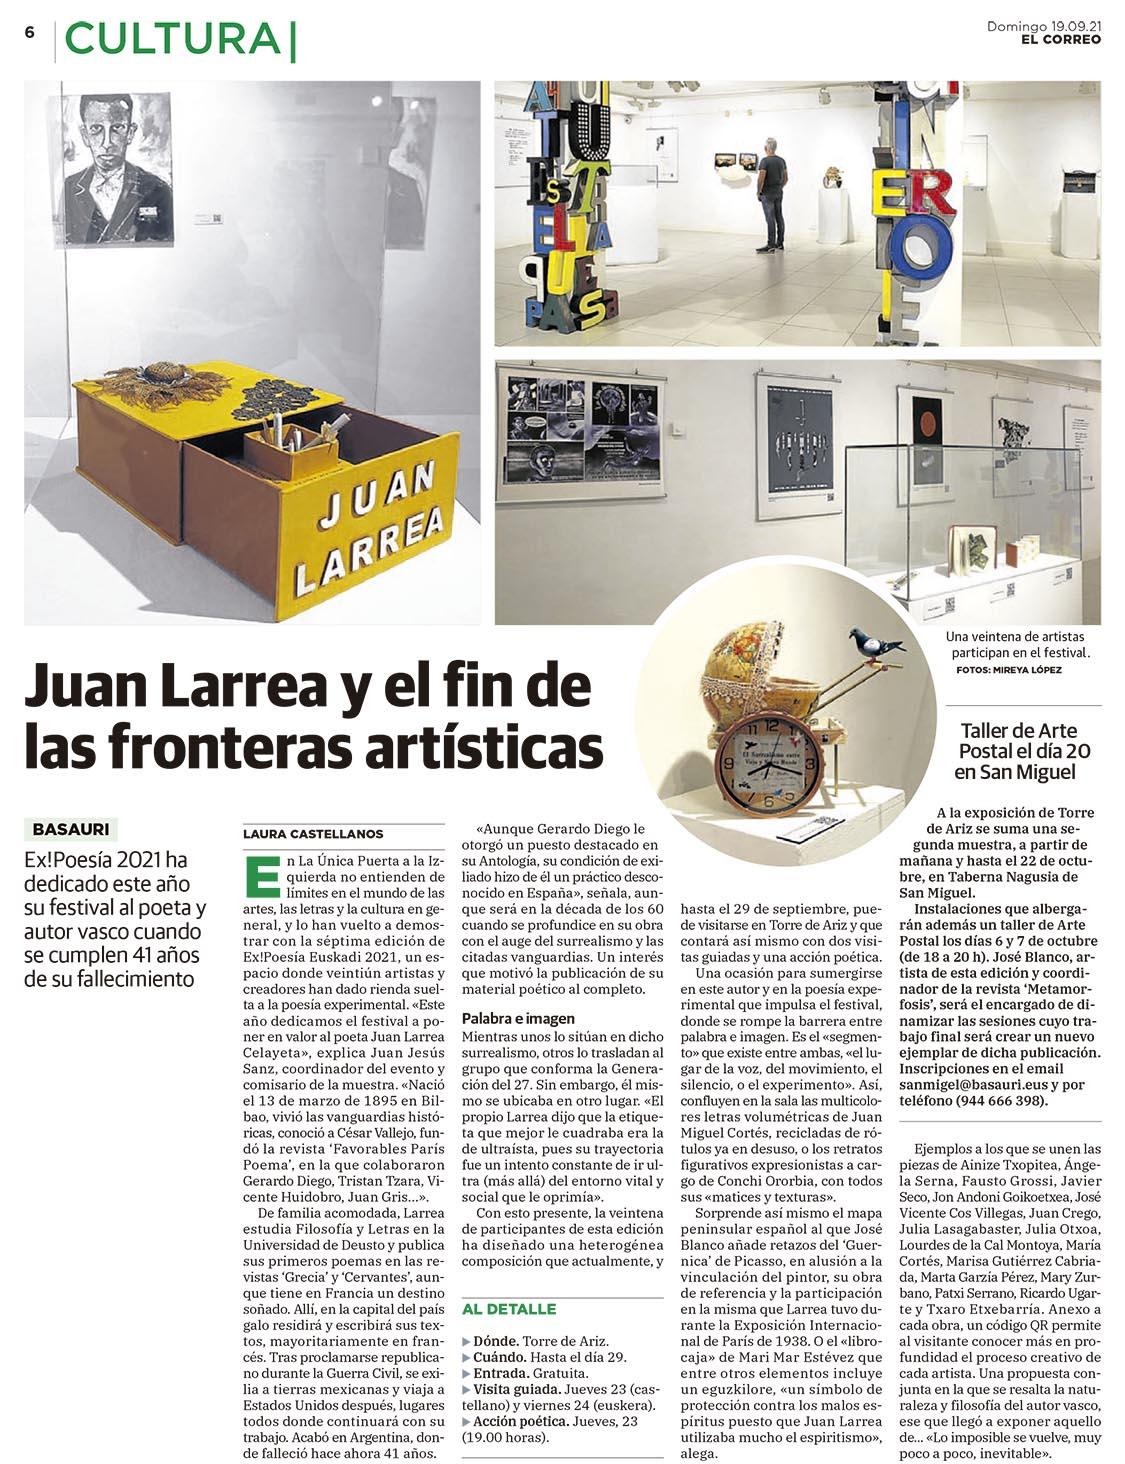 PRENSA(EL CORREO)-BASAURI TORRE ARIZ_EXPOSICIÓN JUAN LARREA